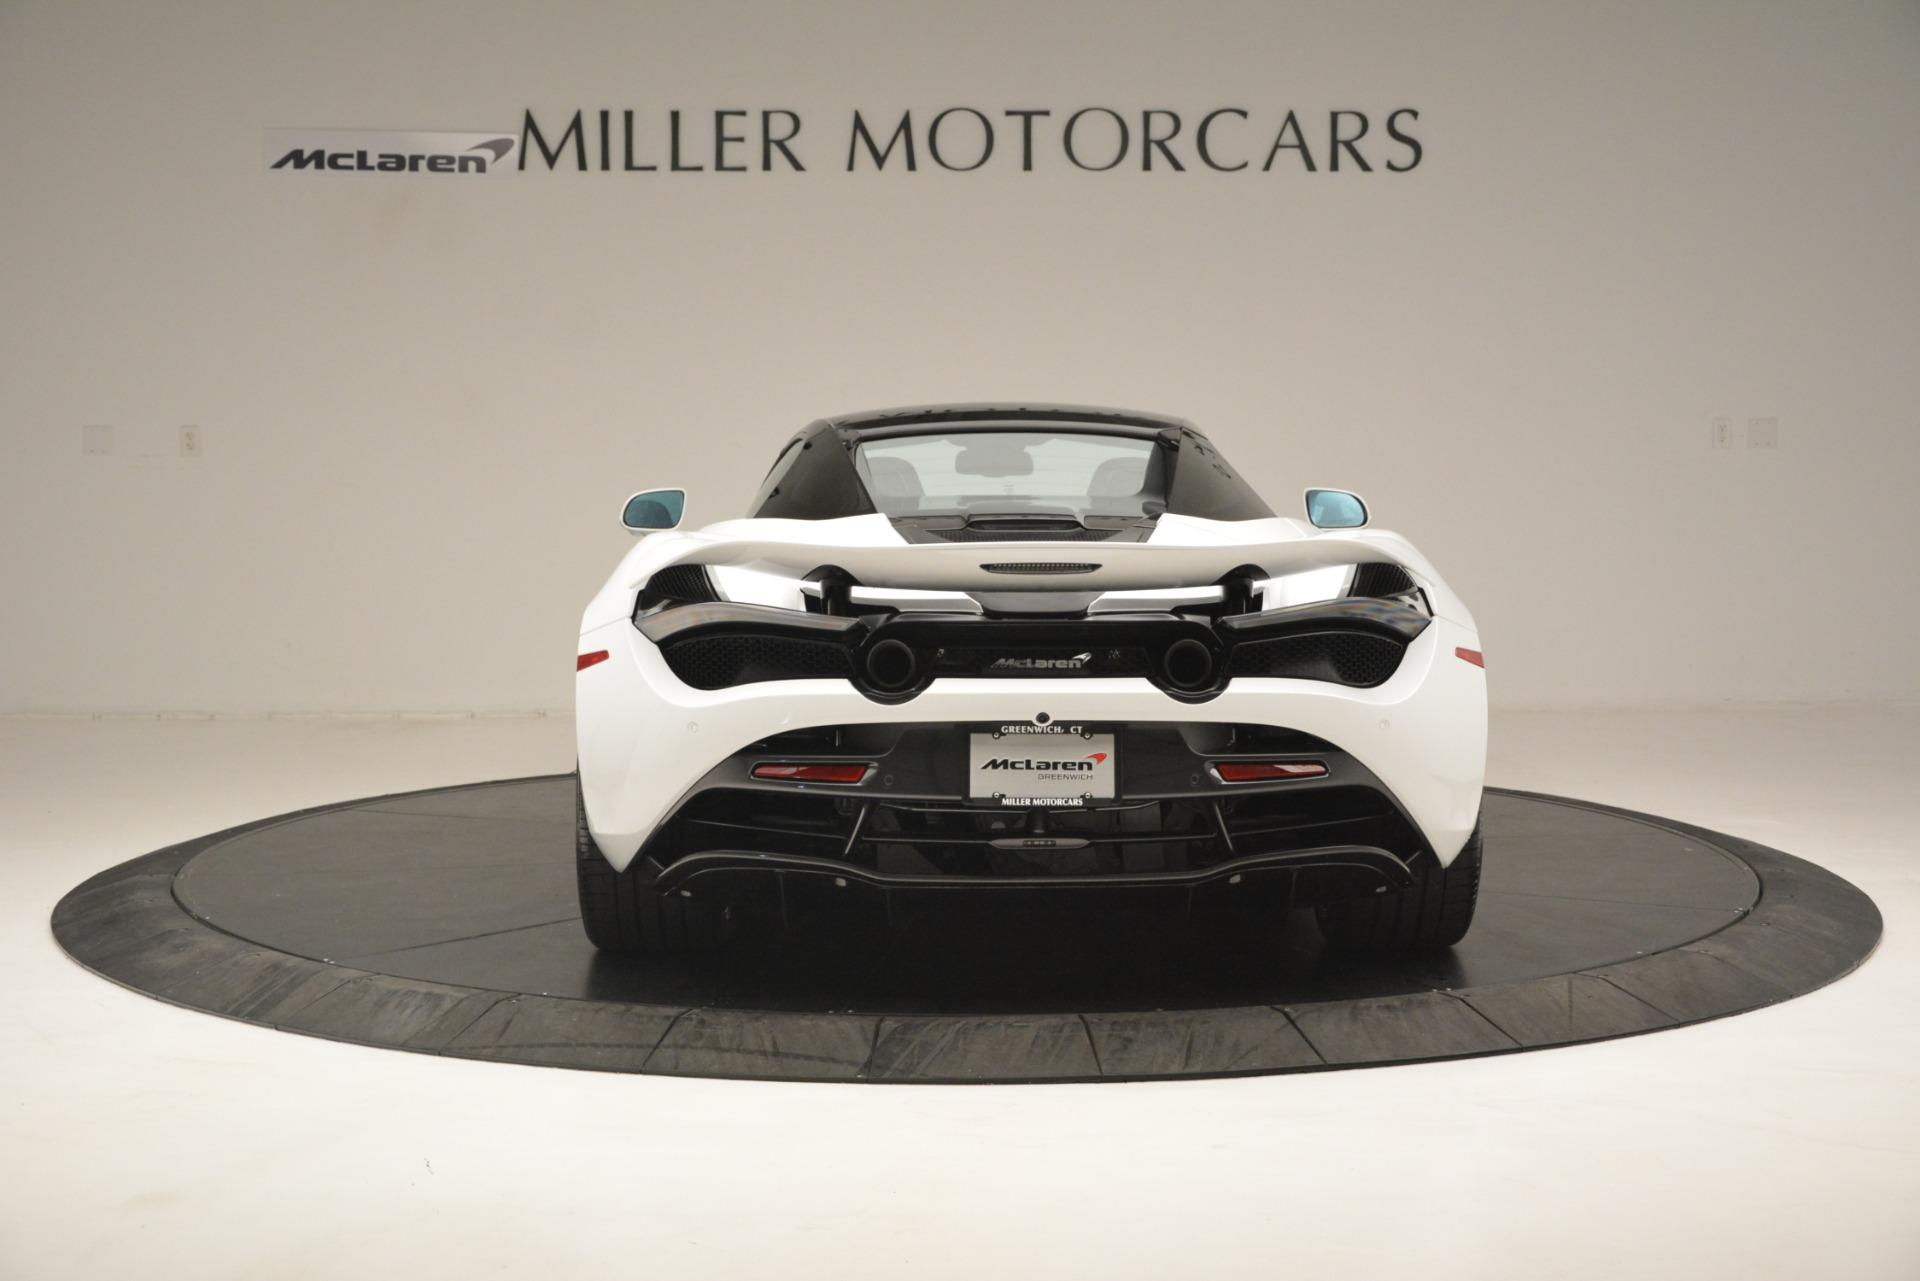 New 2020 McLaren 720S Spider Convertible For Sale In Westport, CT 3229_p5